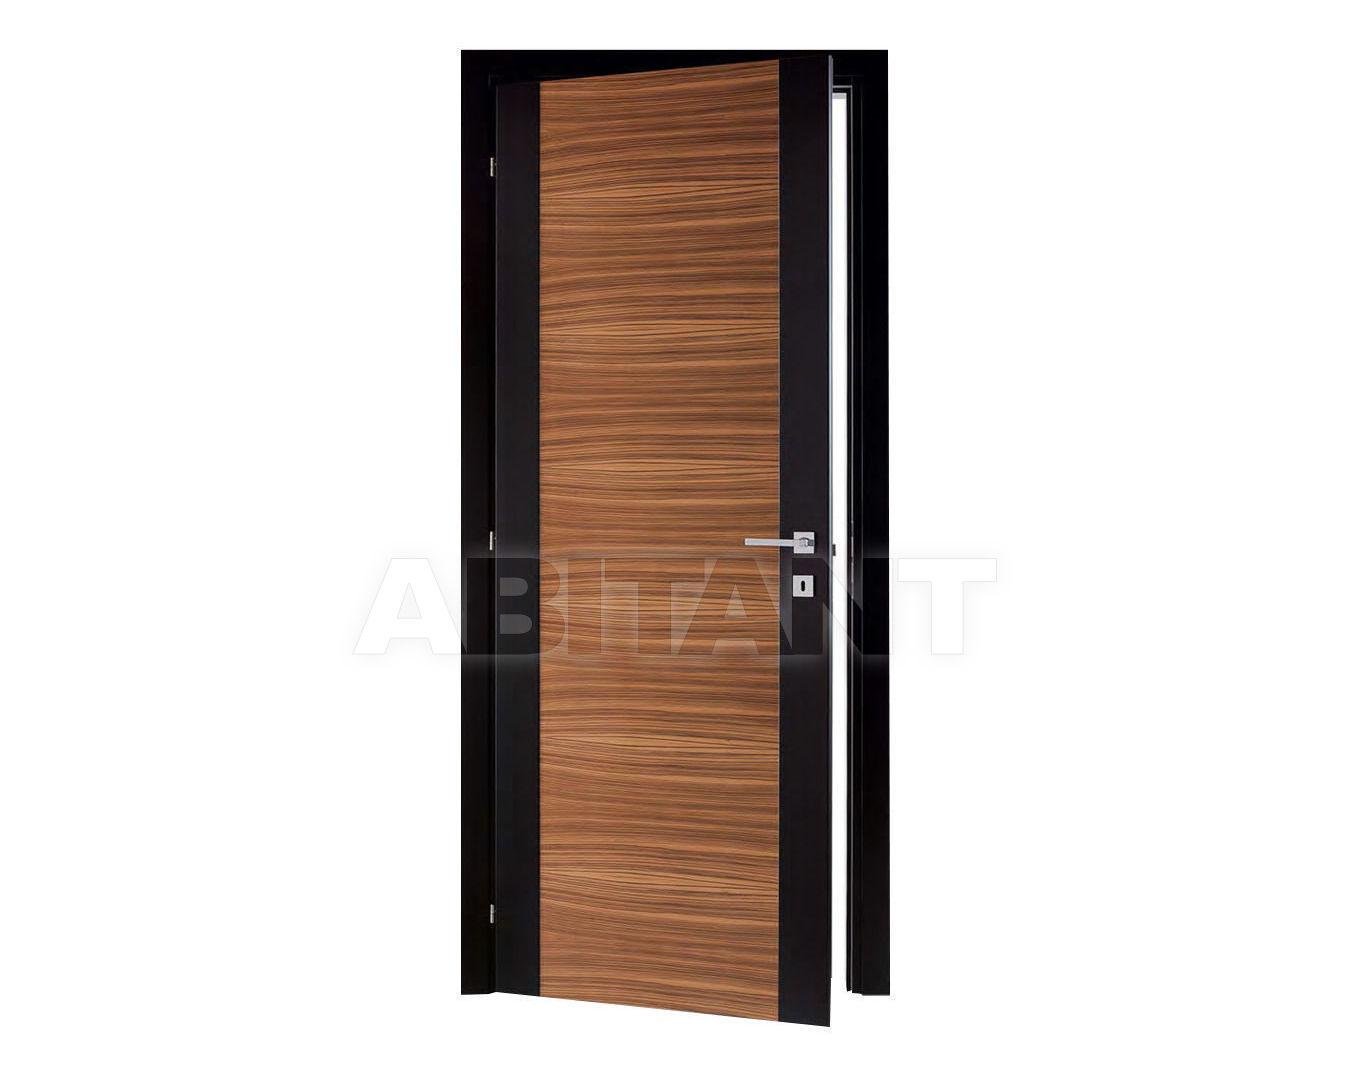 Купить Дверь деревянная Fioravazzi Lisce S35 DANIA SKIN ECOPELLE